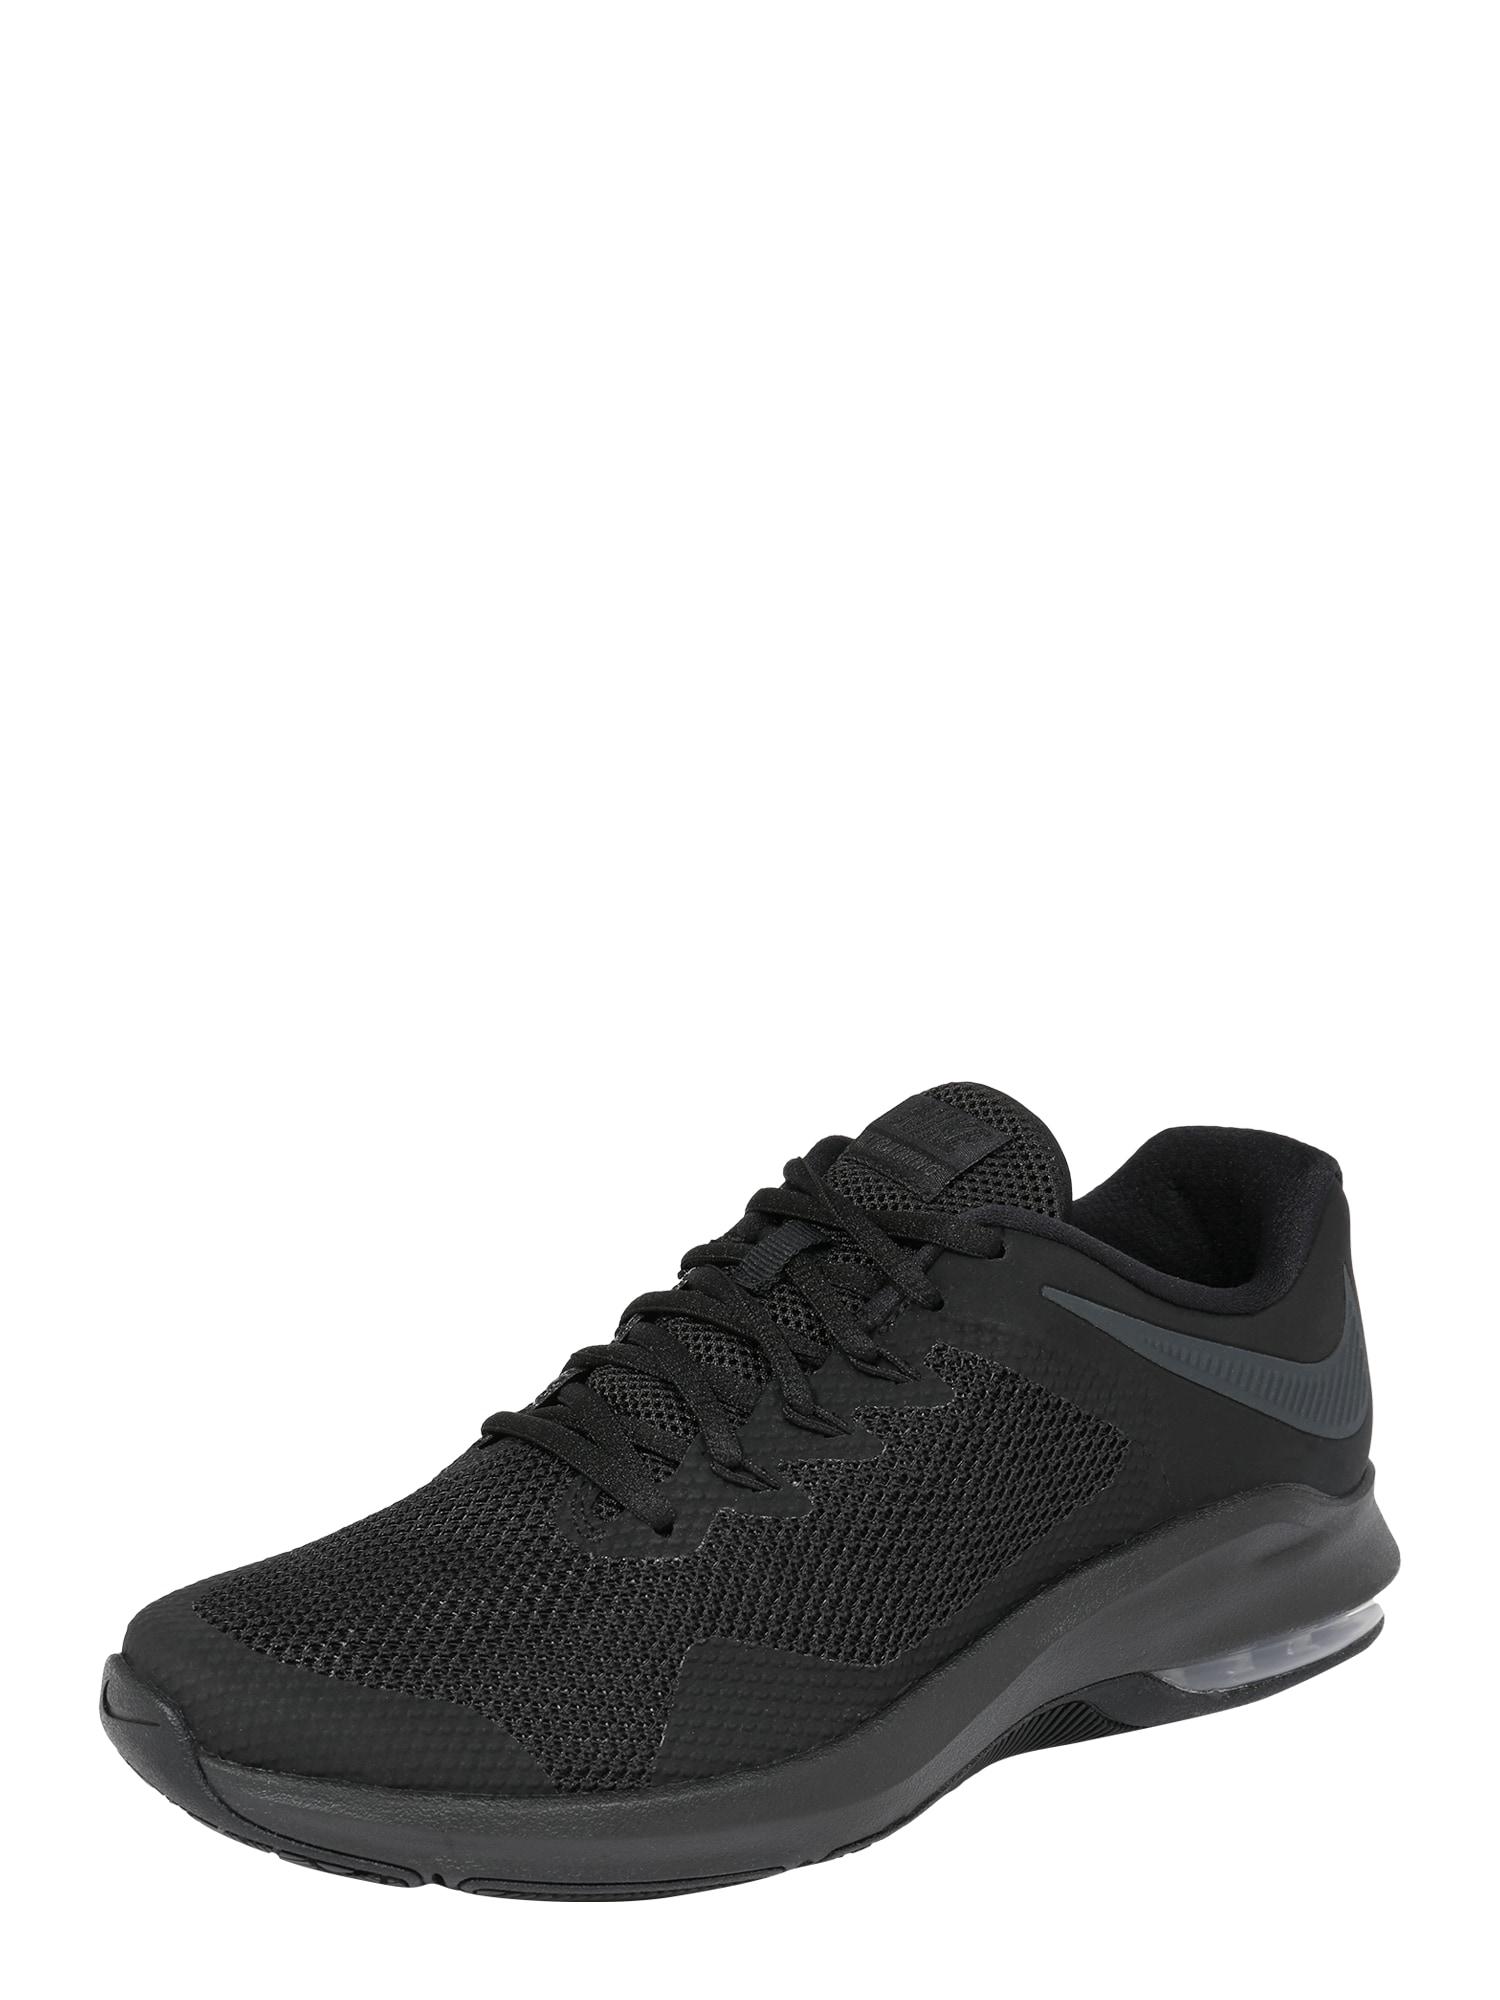 Sportovní boty Alpha Trainer černá NIKE